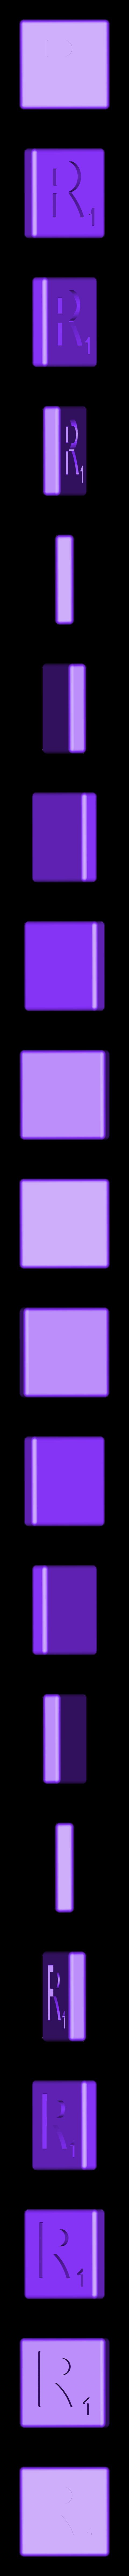 Dual_Shell_R.STL Télécharger fichier STL gratuit Pièces et support SCRABBBLE • Design pour imprimante 3D, Balkhagal4D